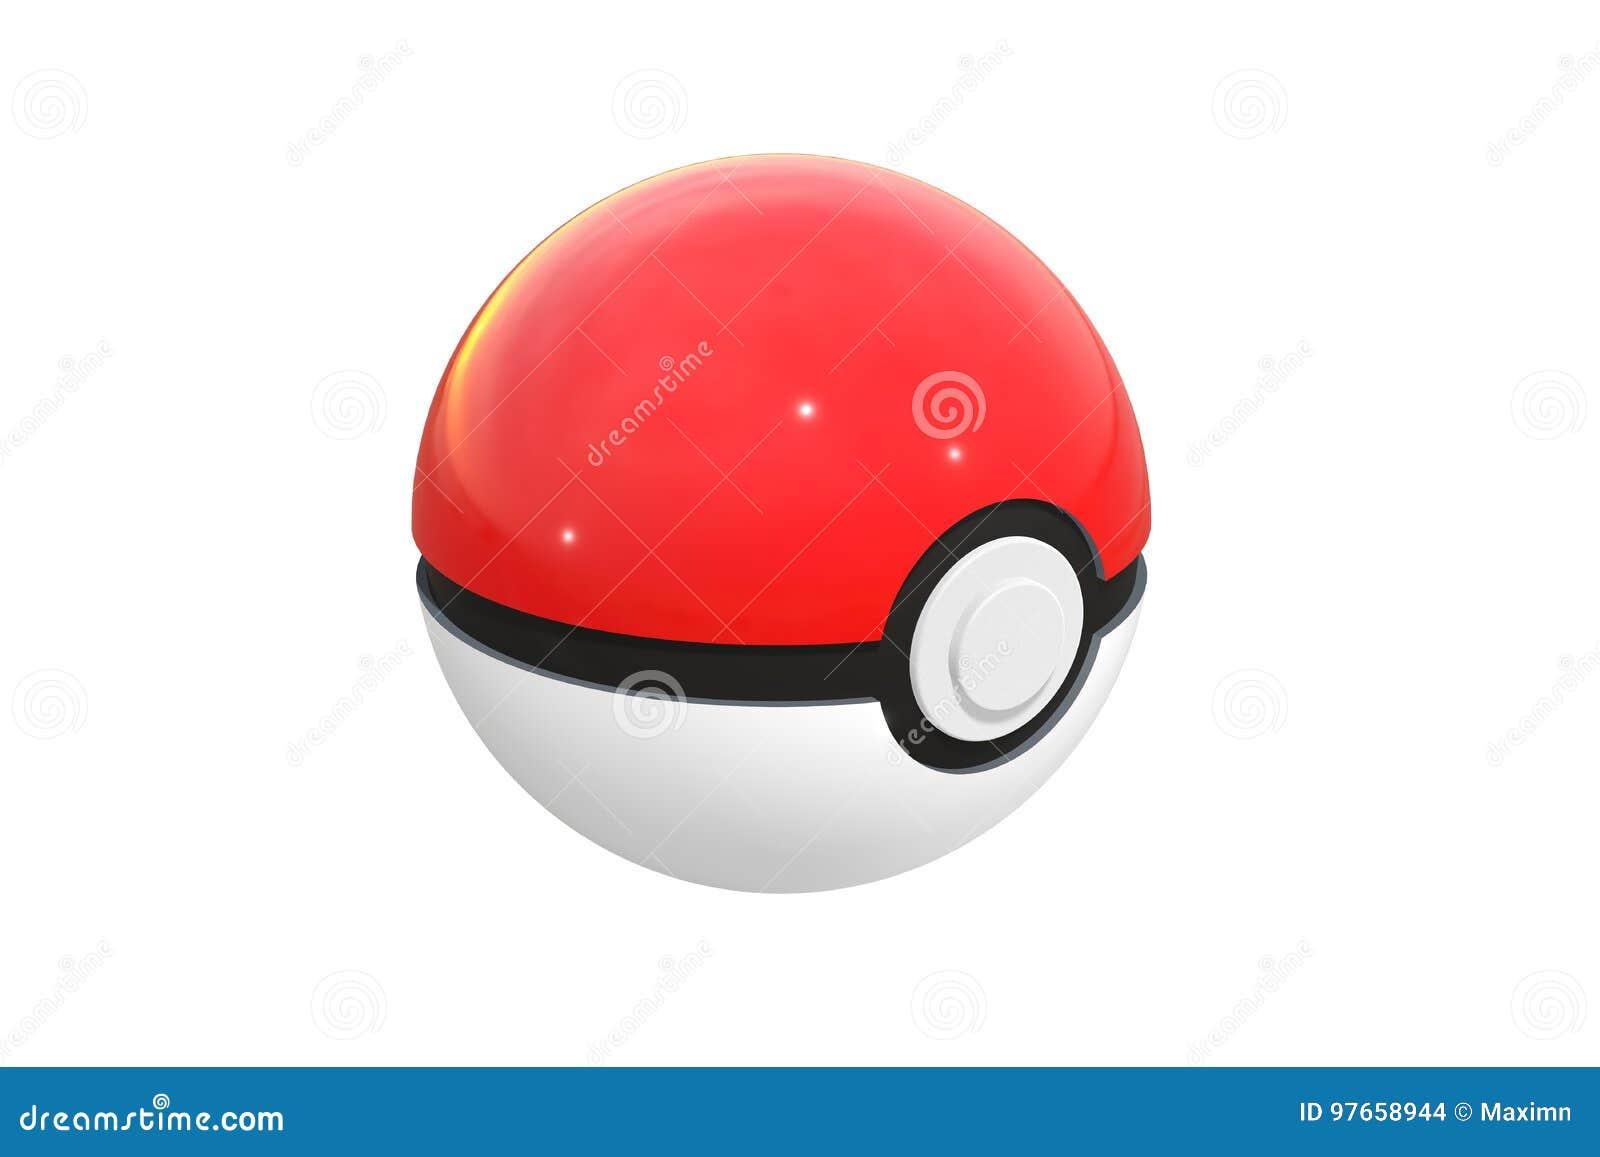 Ilustração editorial: 3d rendem do pokeball isolado em um fundo branco Pokeball é um equipamento a travar em Pokemon vai